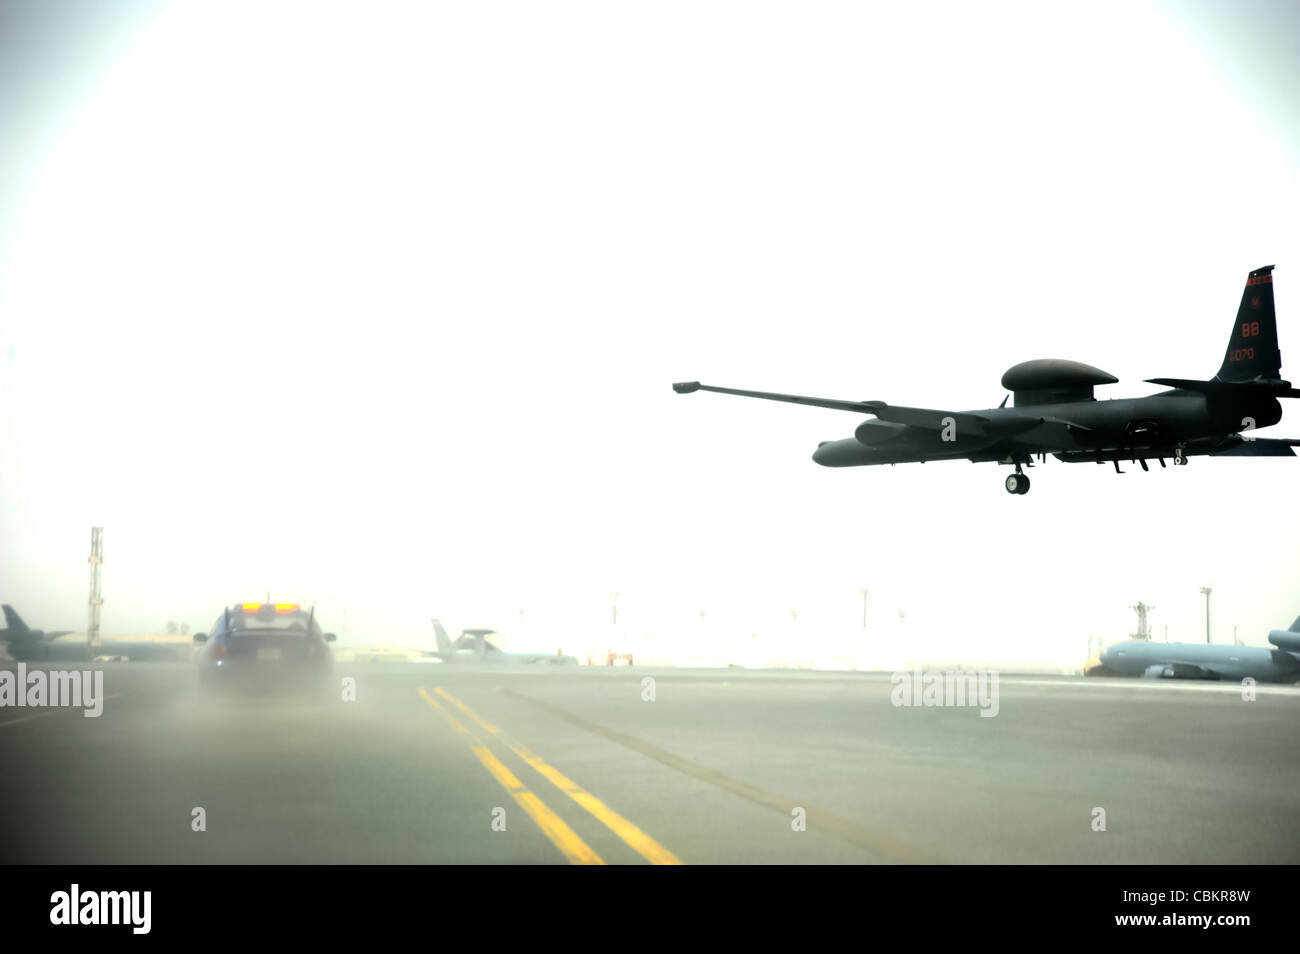 U2 Spy Plane Stock Photos & U2 Spy Plane Stock Images - Alamy